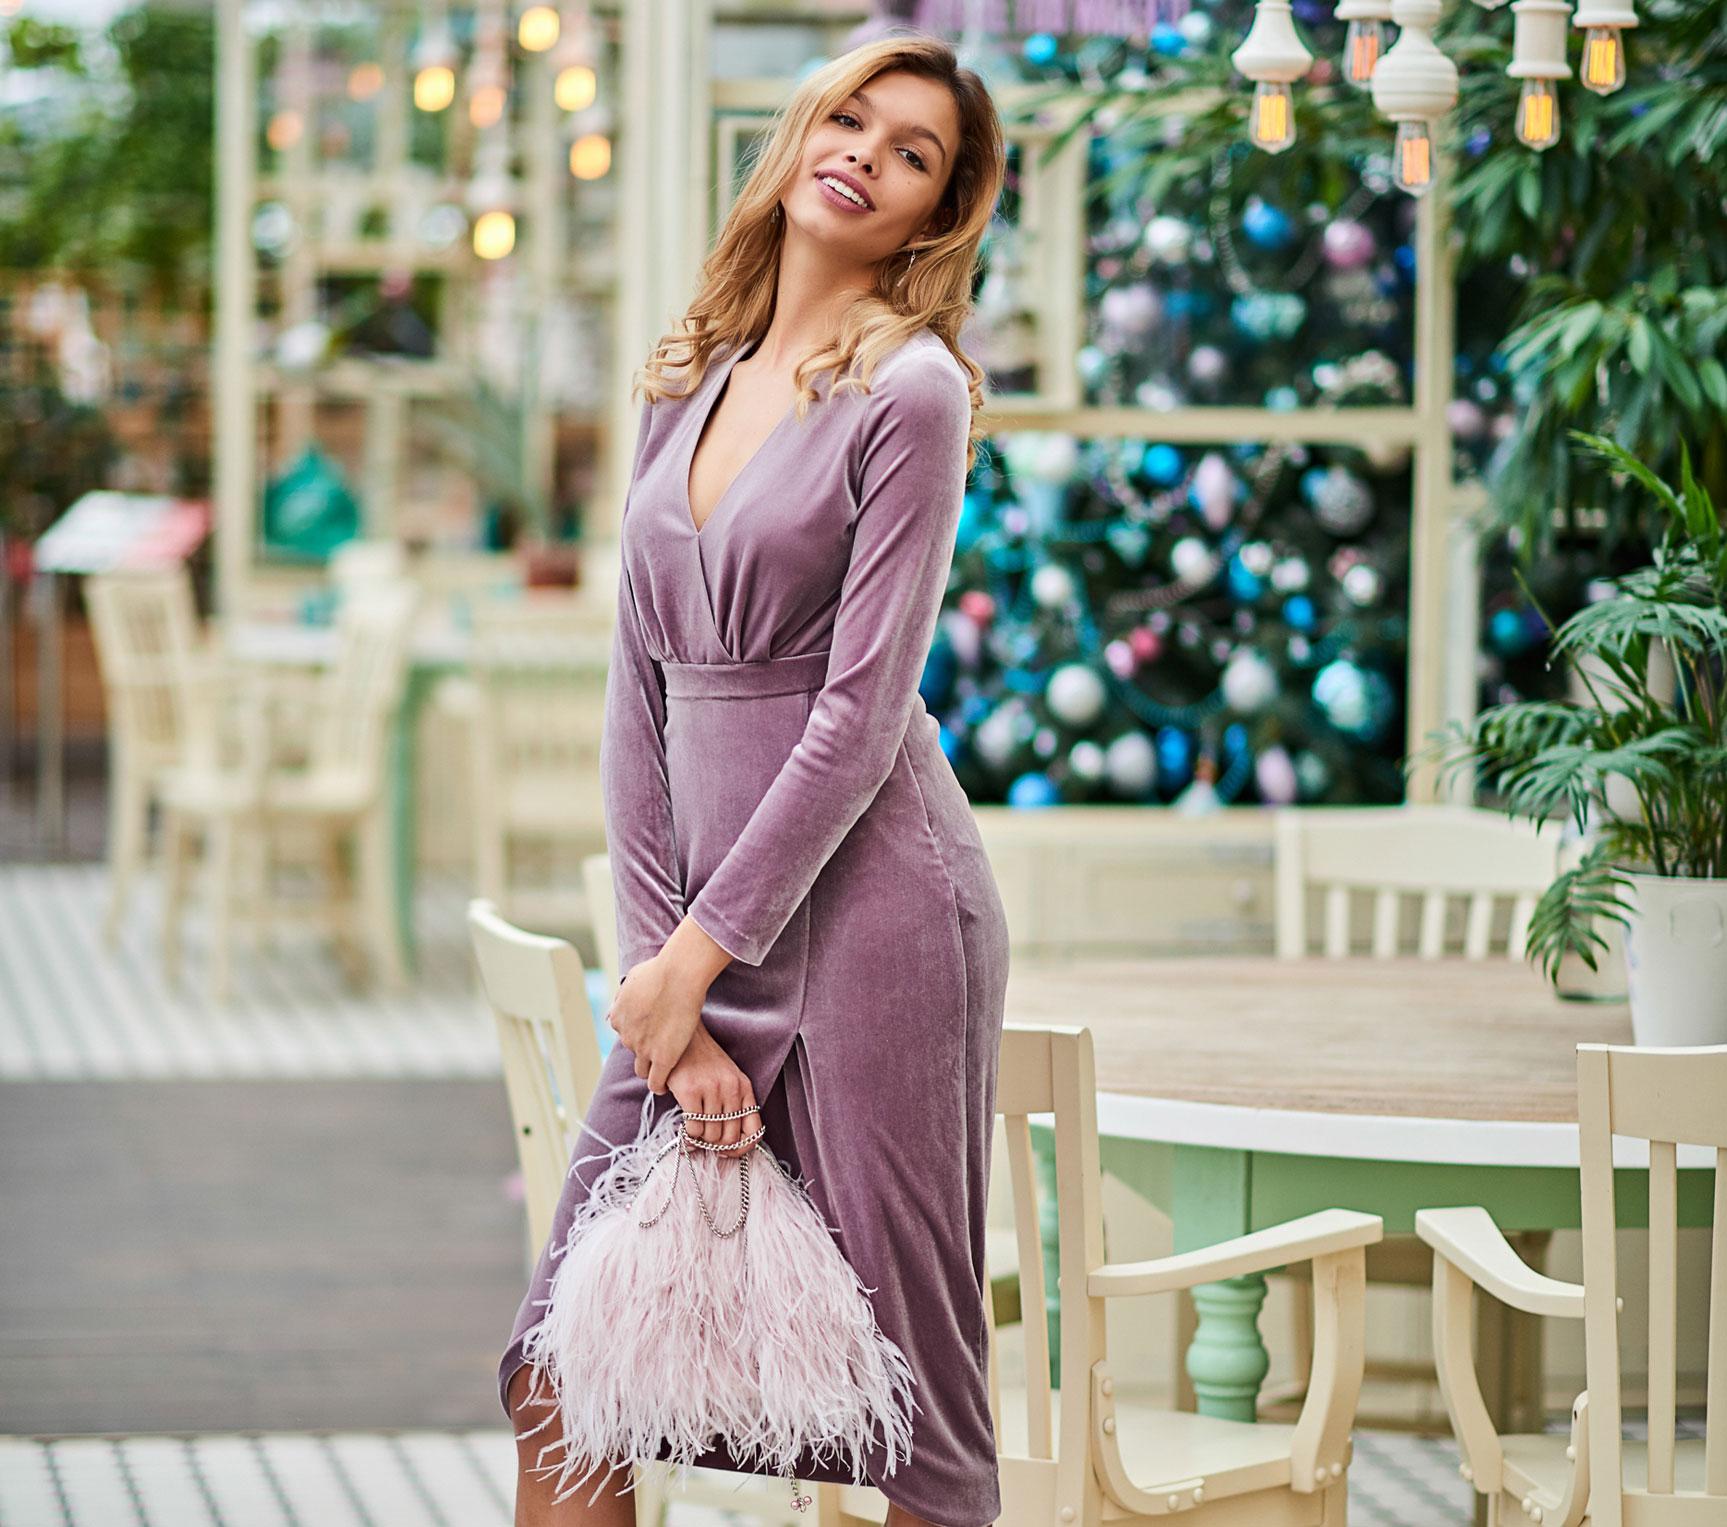 Анна Шорникова демонстрирует новогодние модели женской одежды модного бренда T-Skirt / фото 01